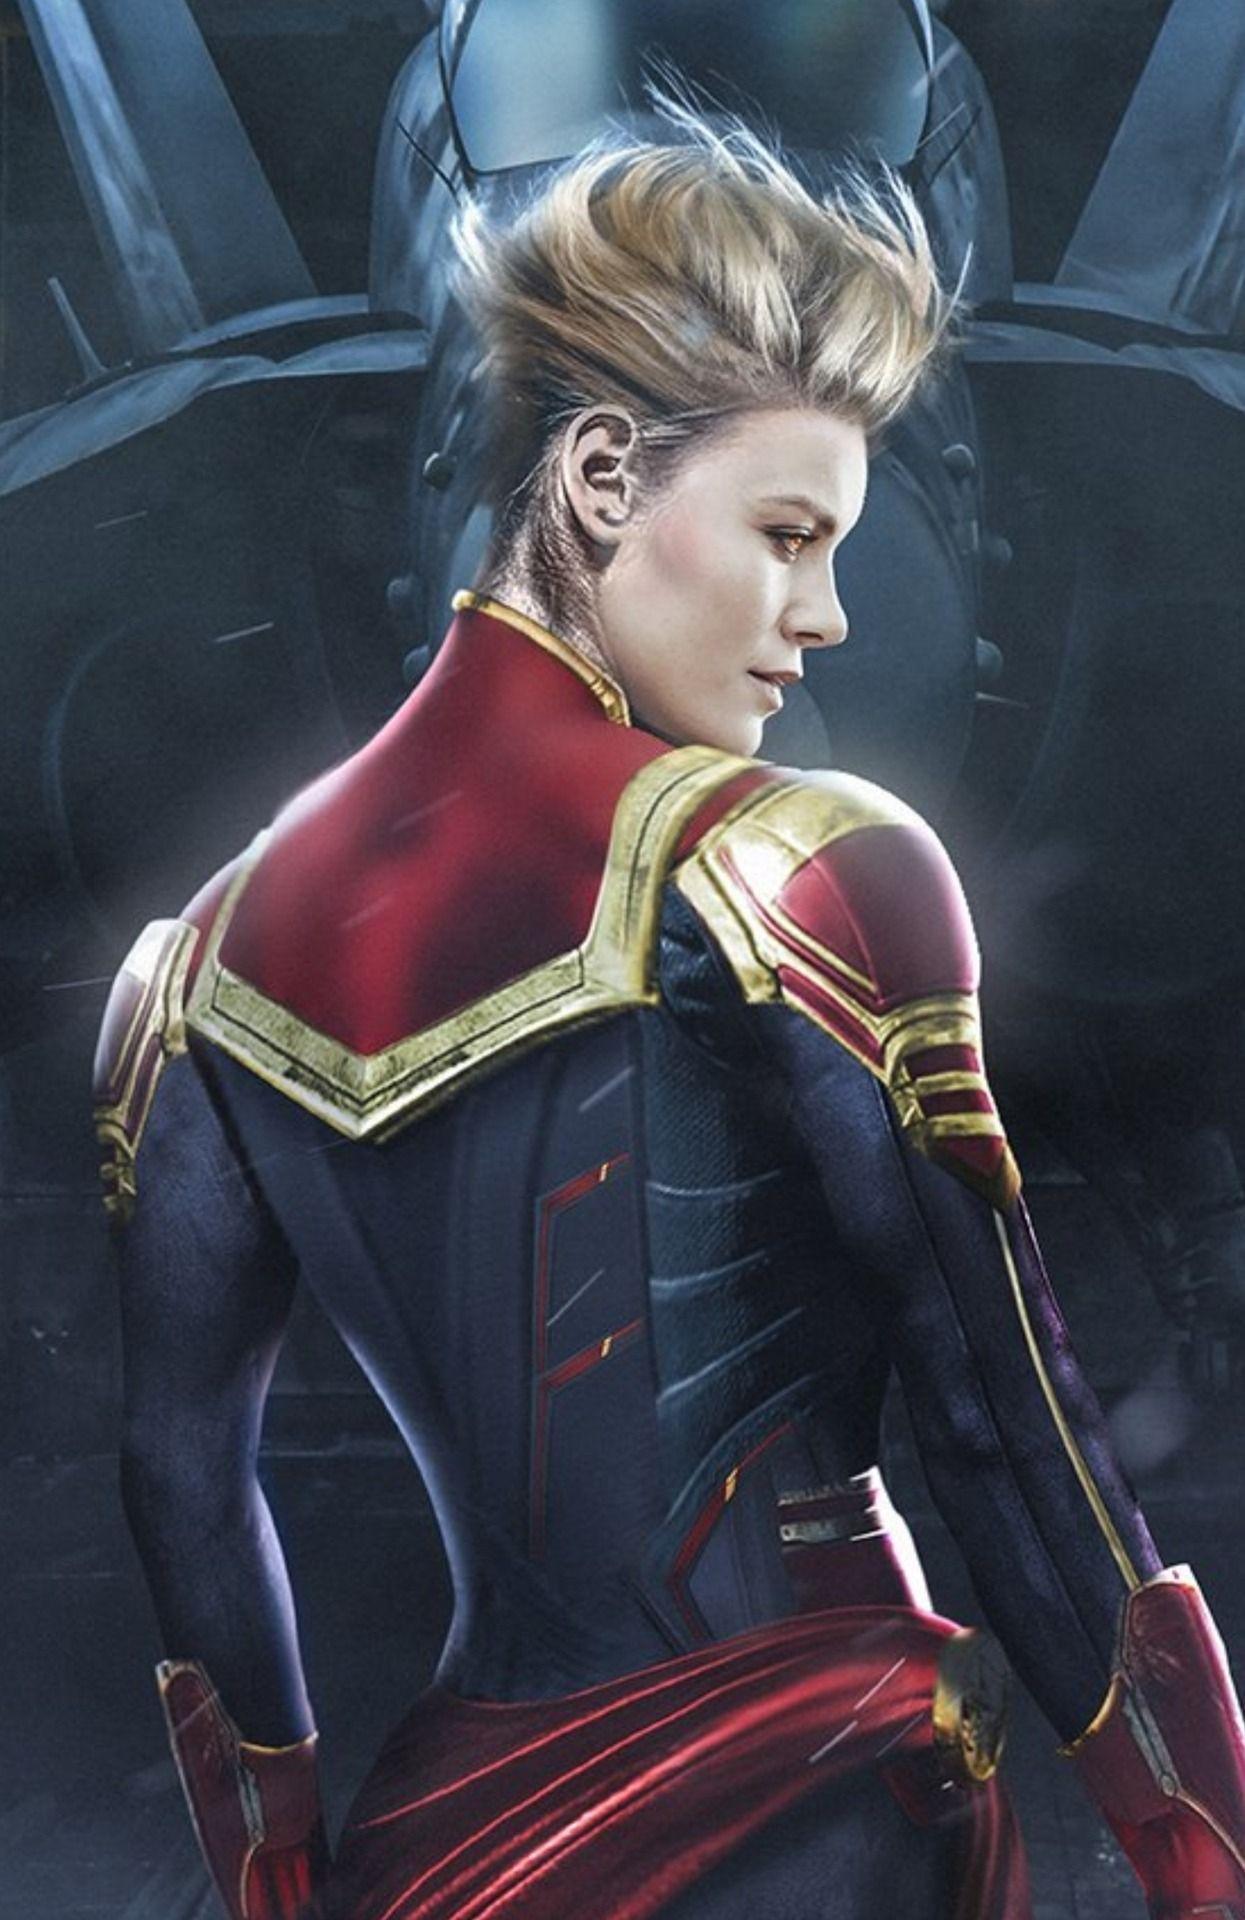 Captain Marvel short hair Style Trends – The Modern Model